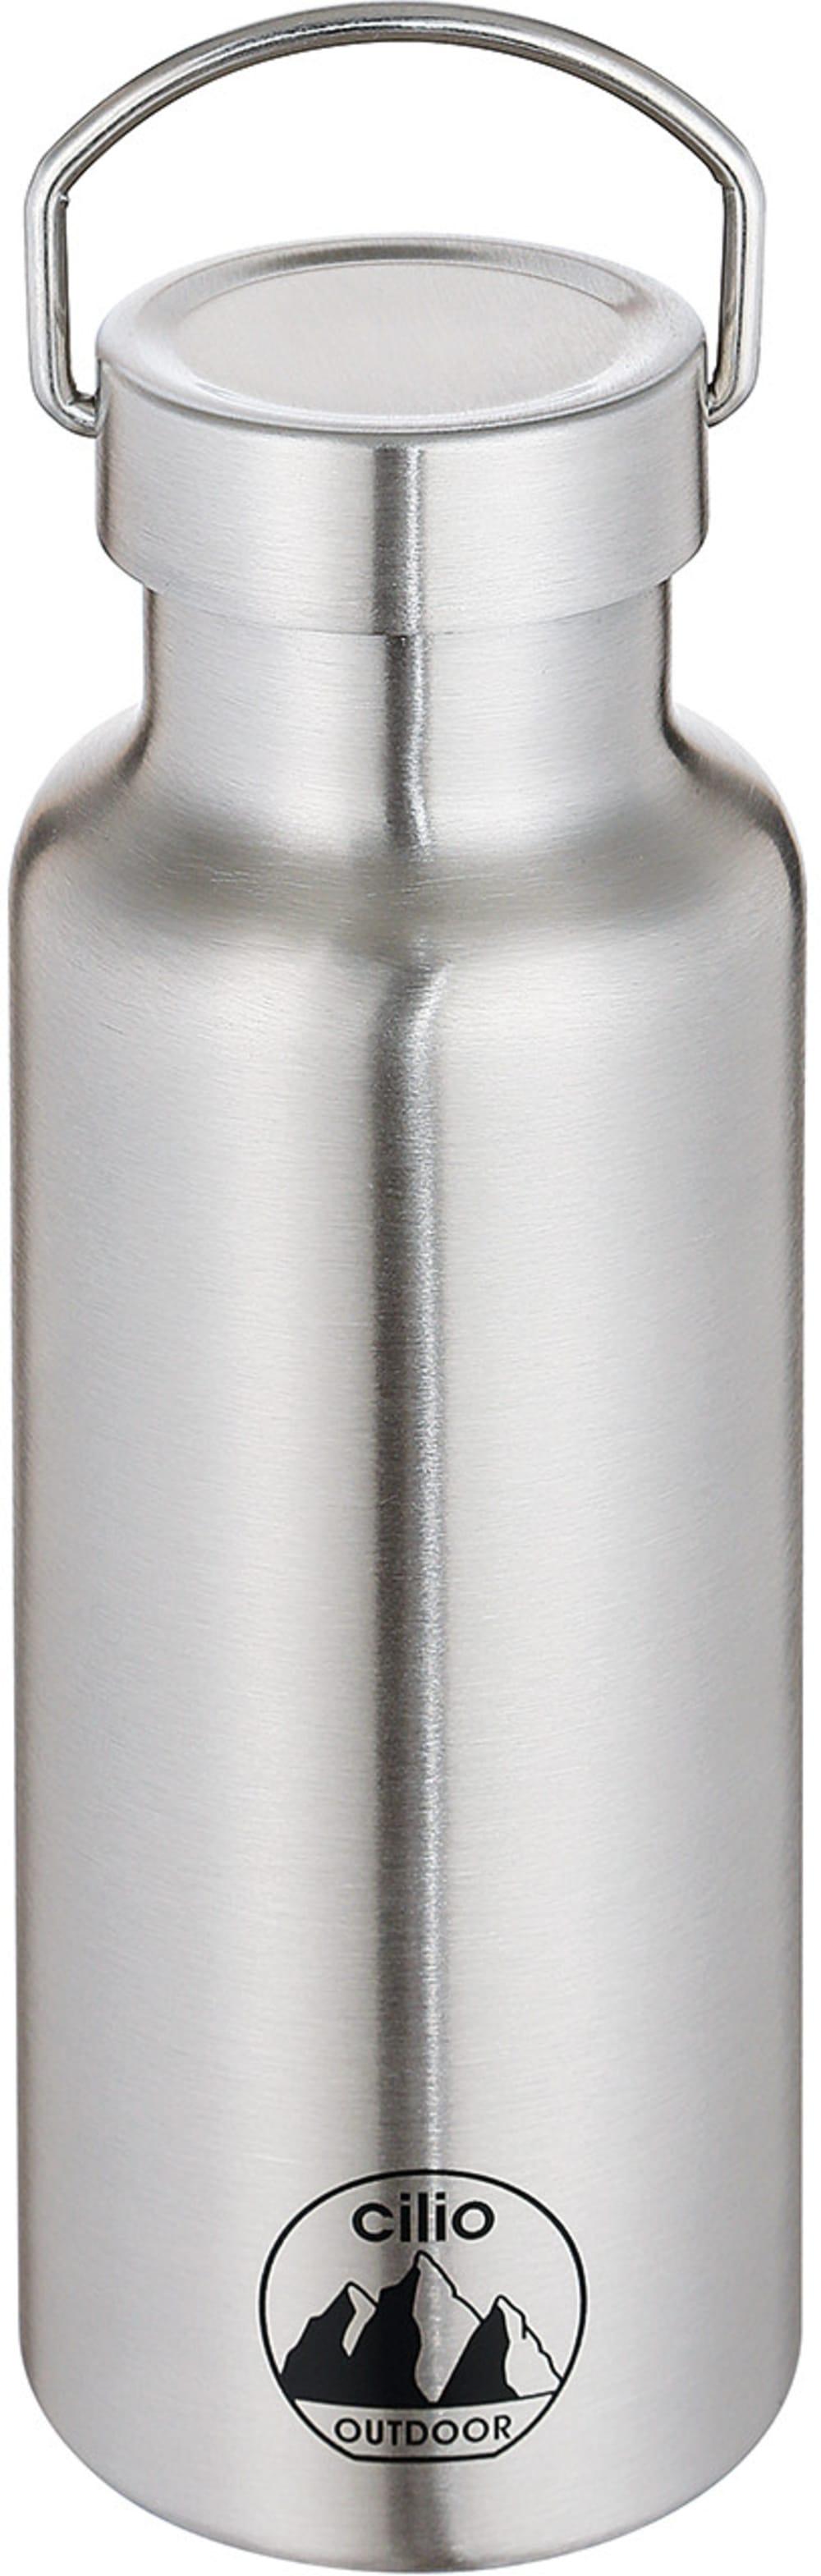 Stalowa butelka termiczna, śred. 7 x 20,5 cm, stal szczotkowana  0,5 l